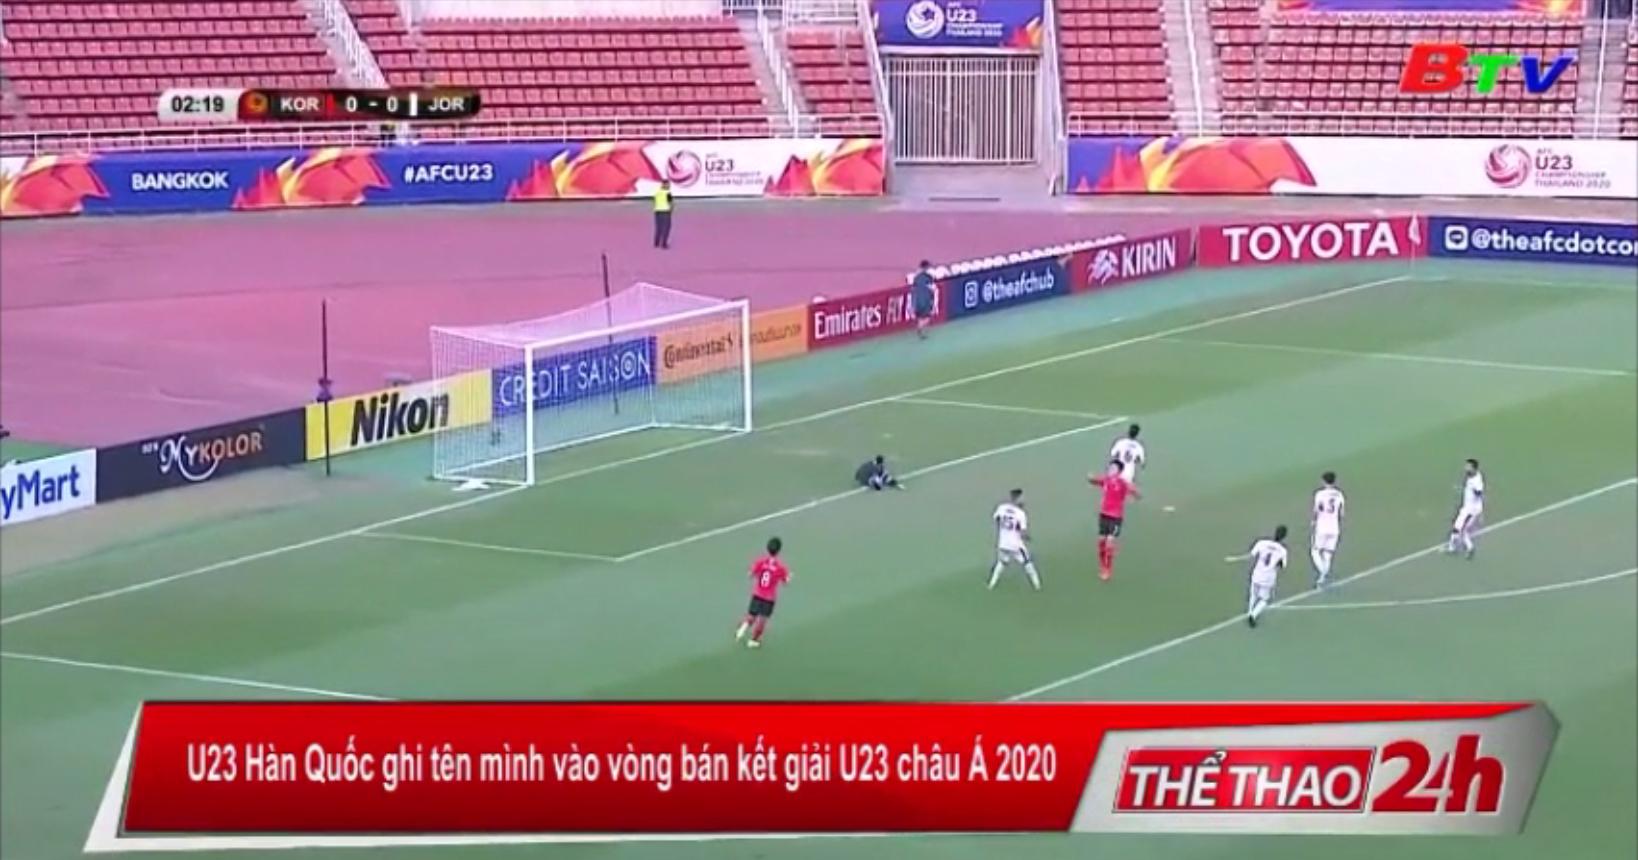 U23 Hàn Quốc ghi tên mình vào vòng bán kết giải U23 châu Á 2020